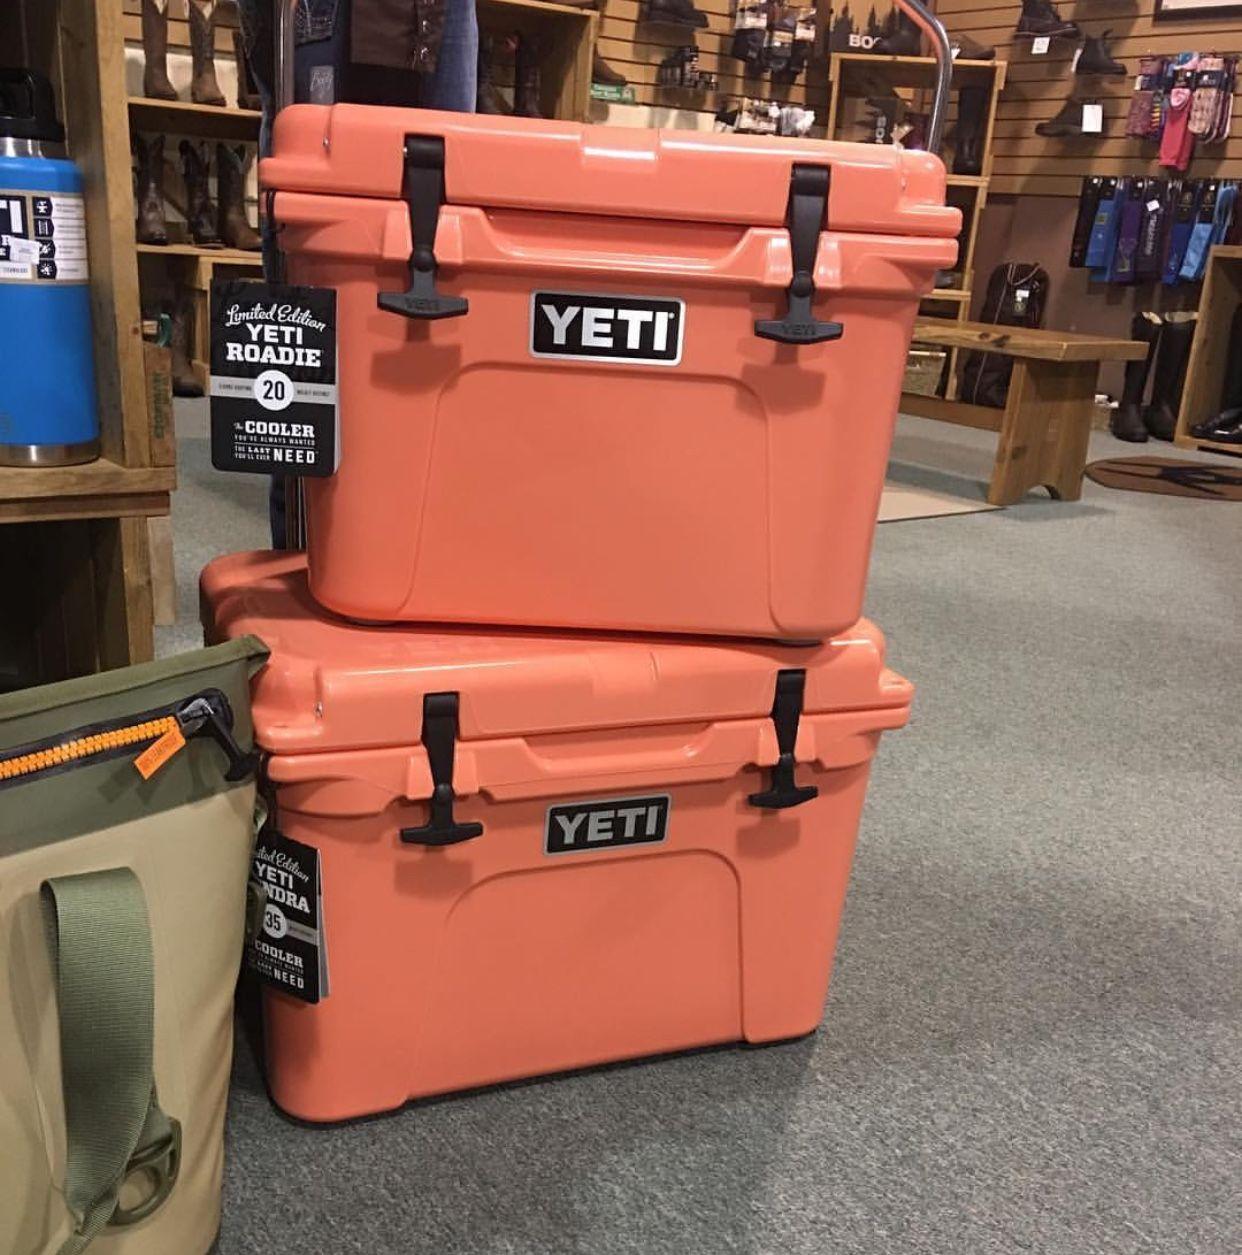 Love The New Coral Yeti Color Yeti Stickers Yeti Yeti Roadie